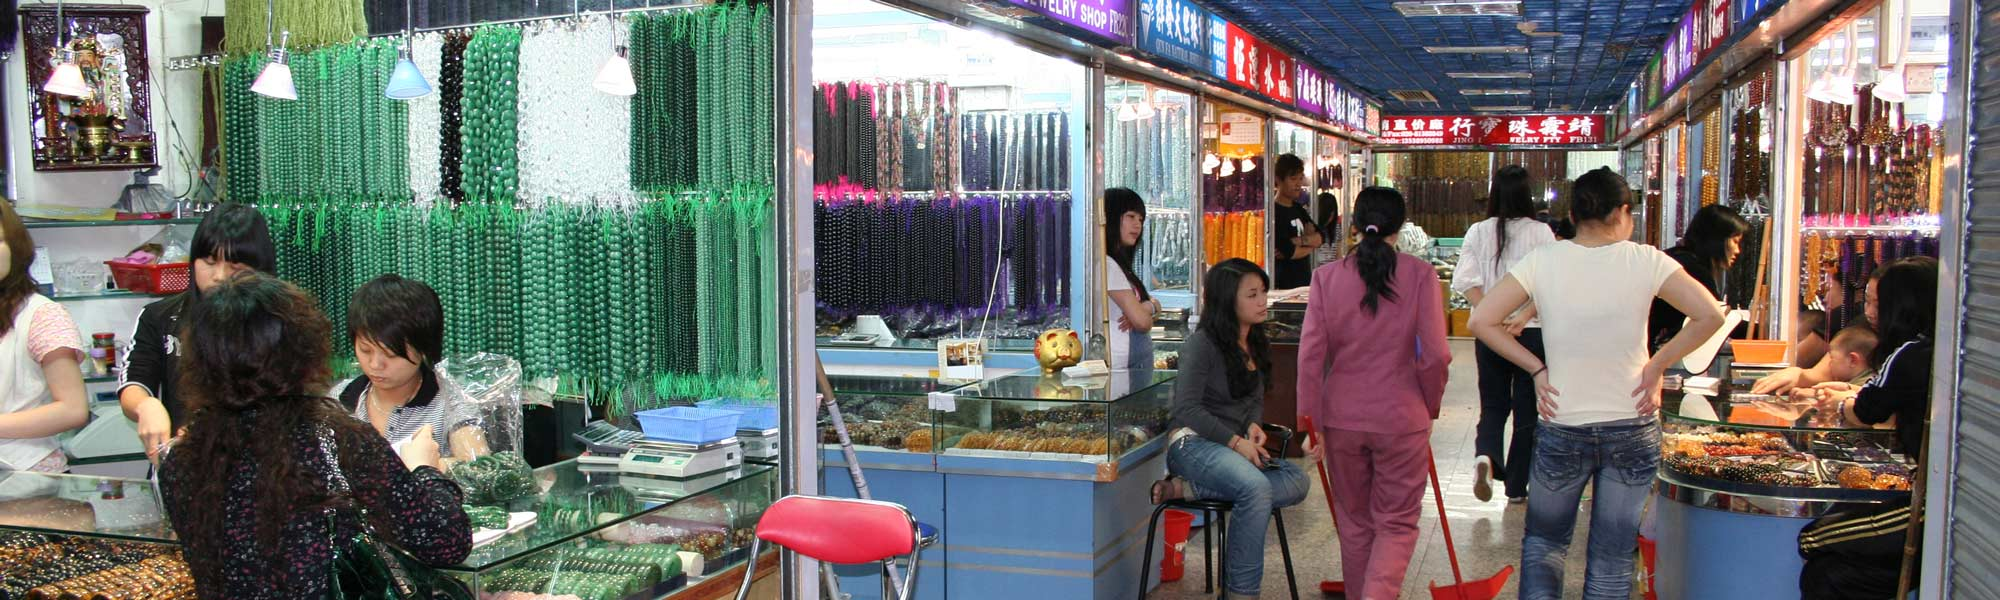 Guangzhou-Factory-Trip-176-2